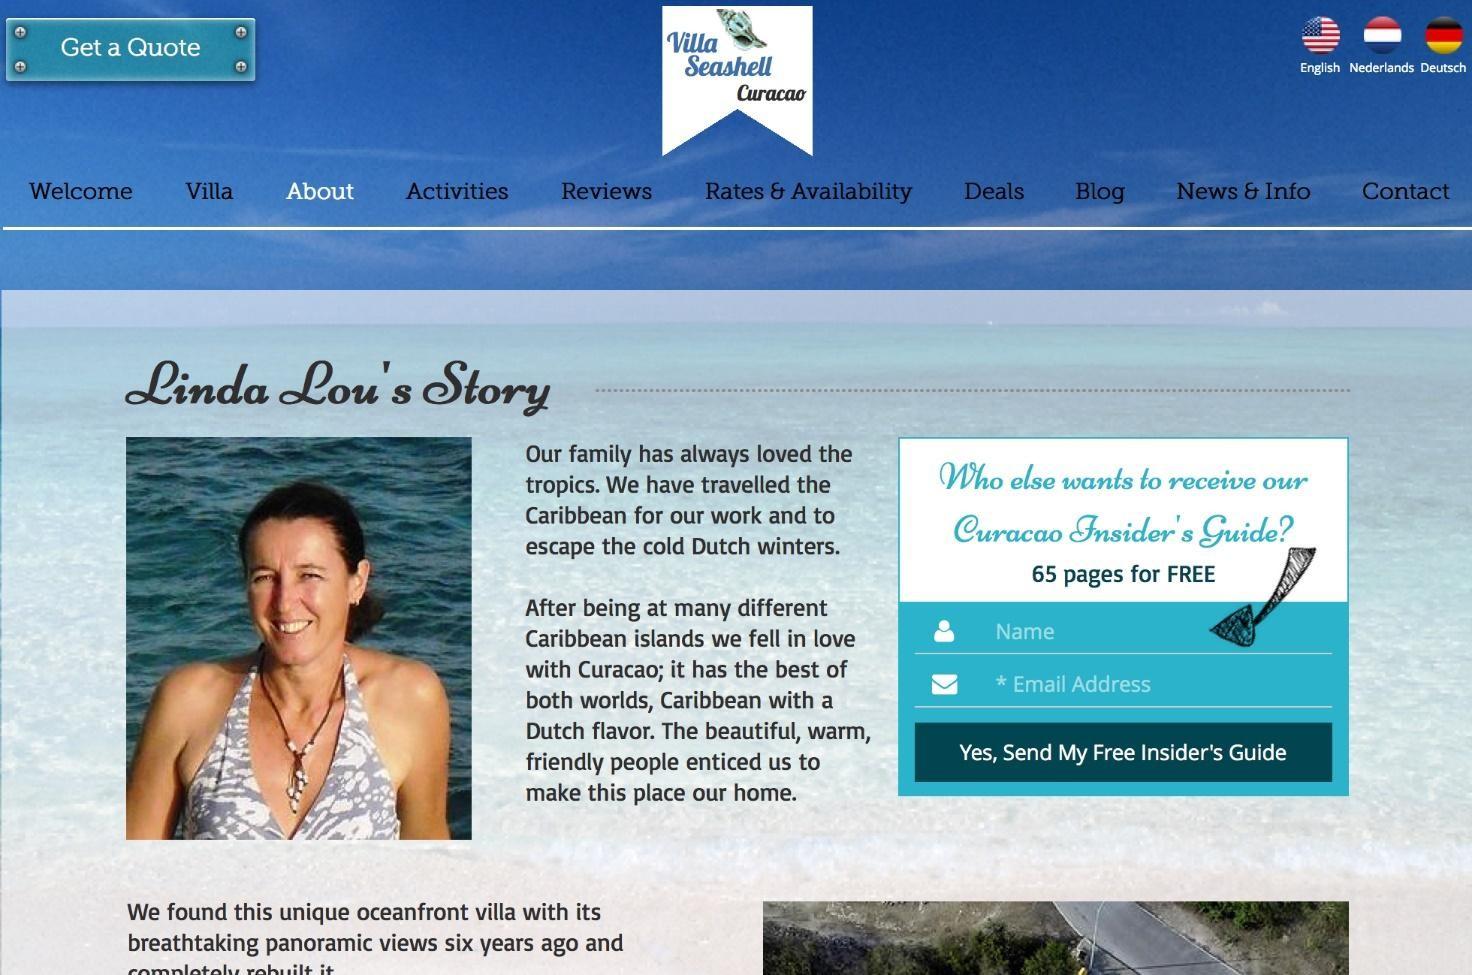 Построить Сайт Аренды Жилья для Отдыха страница